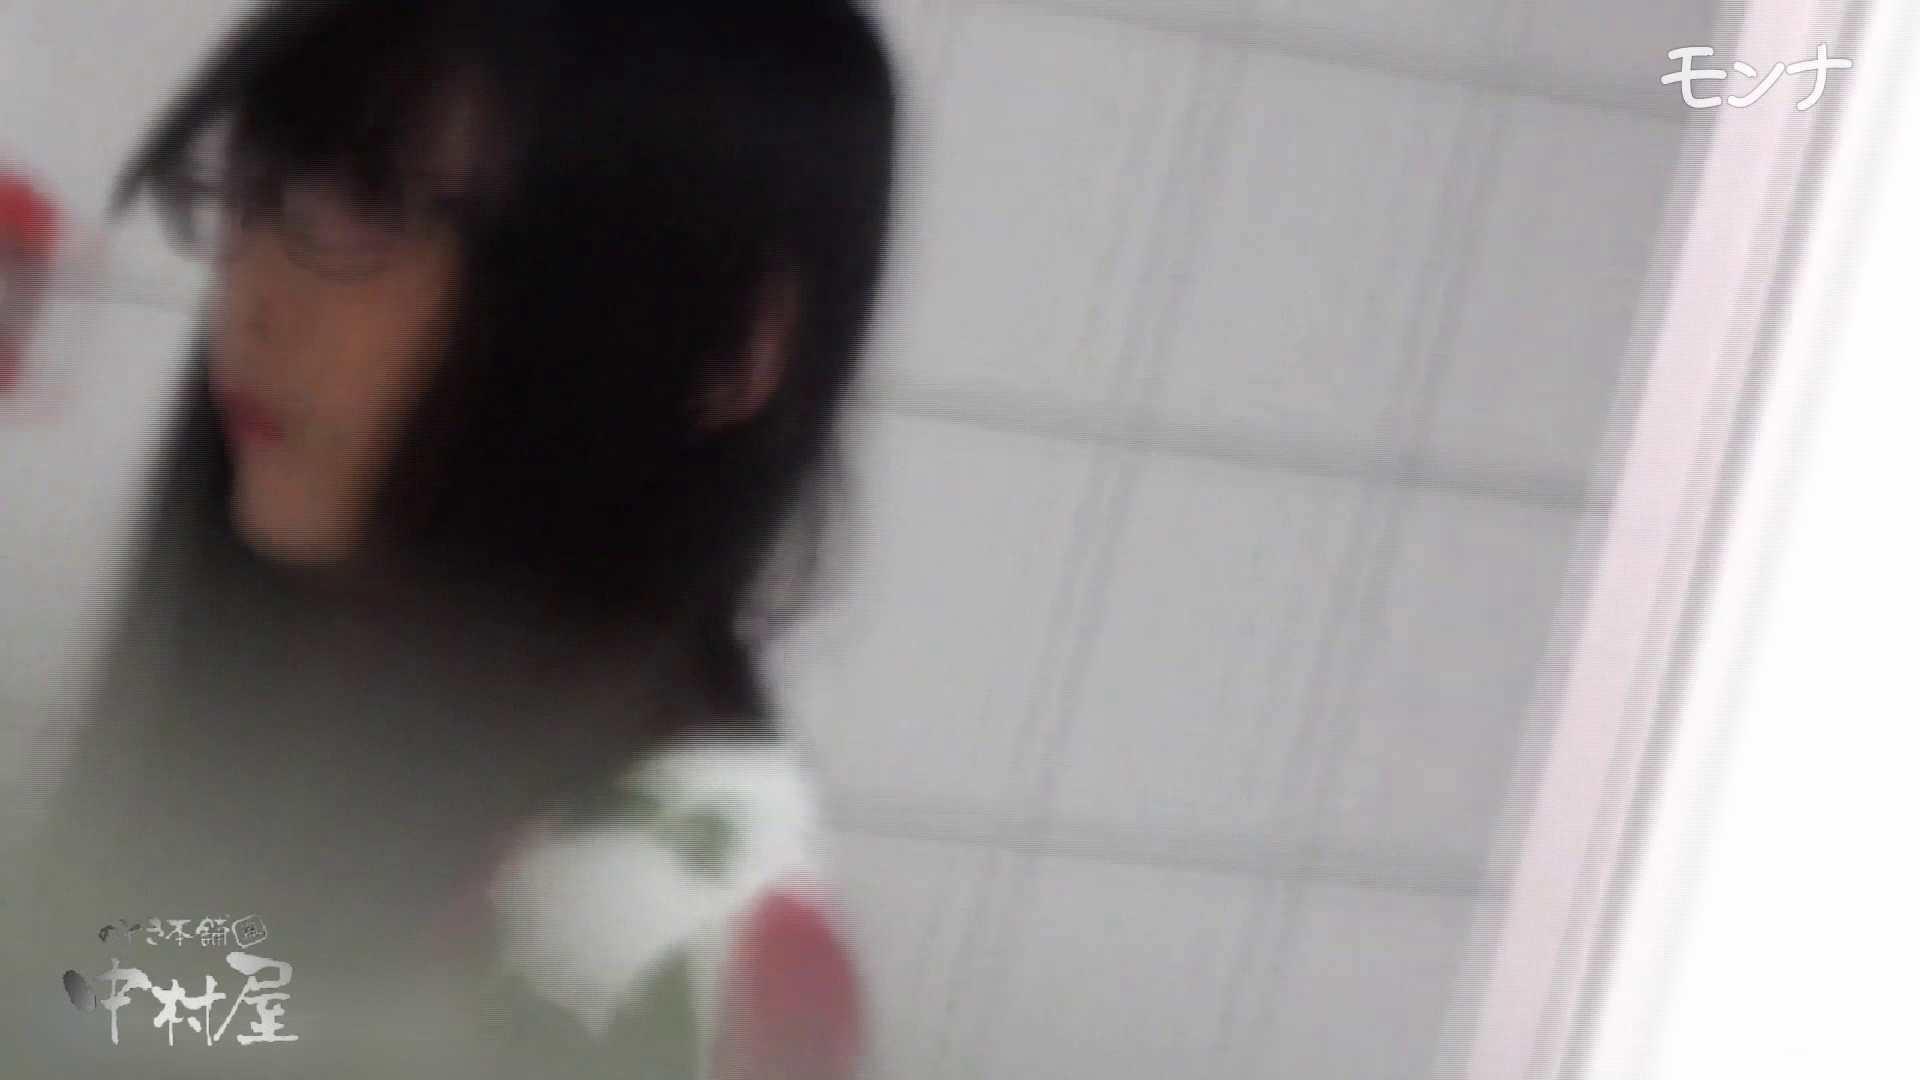 美しい日本の未来 No.57 見やすい拭き方に感謝です。その3 覗き放題  71画像 6